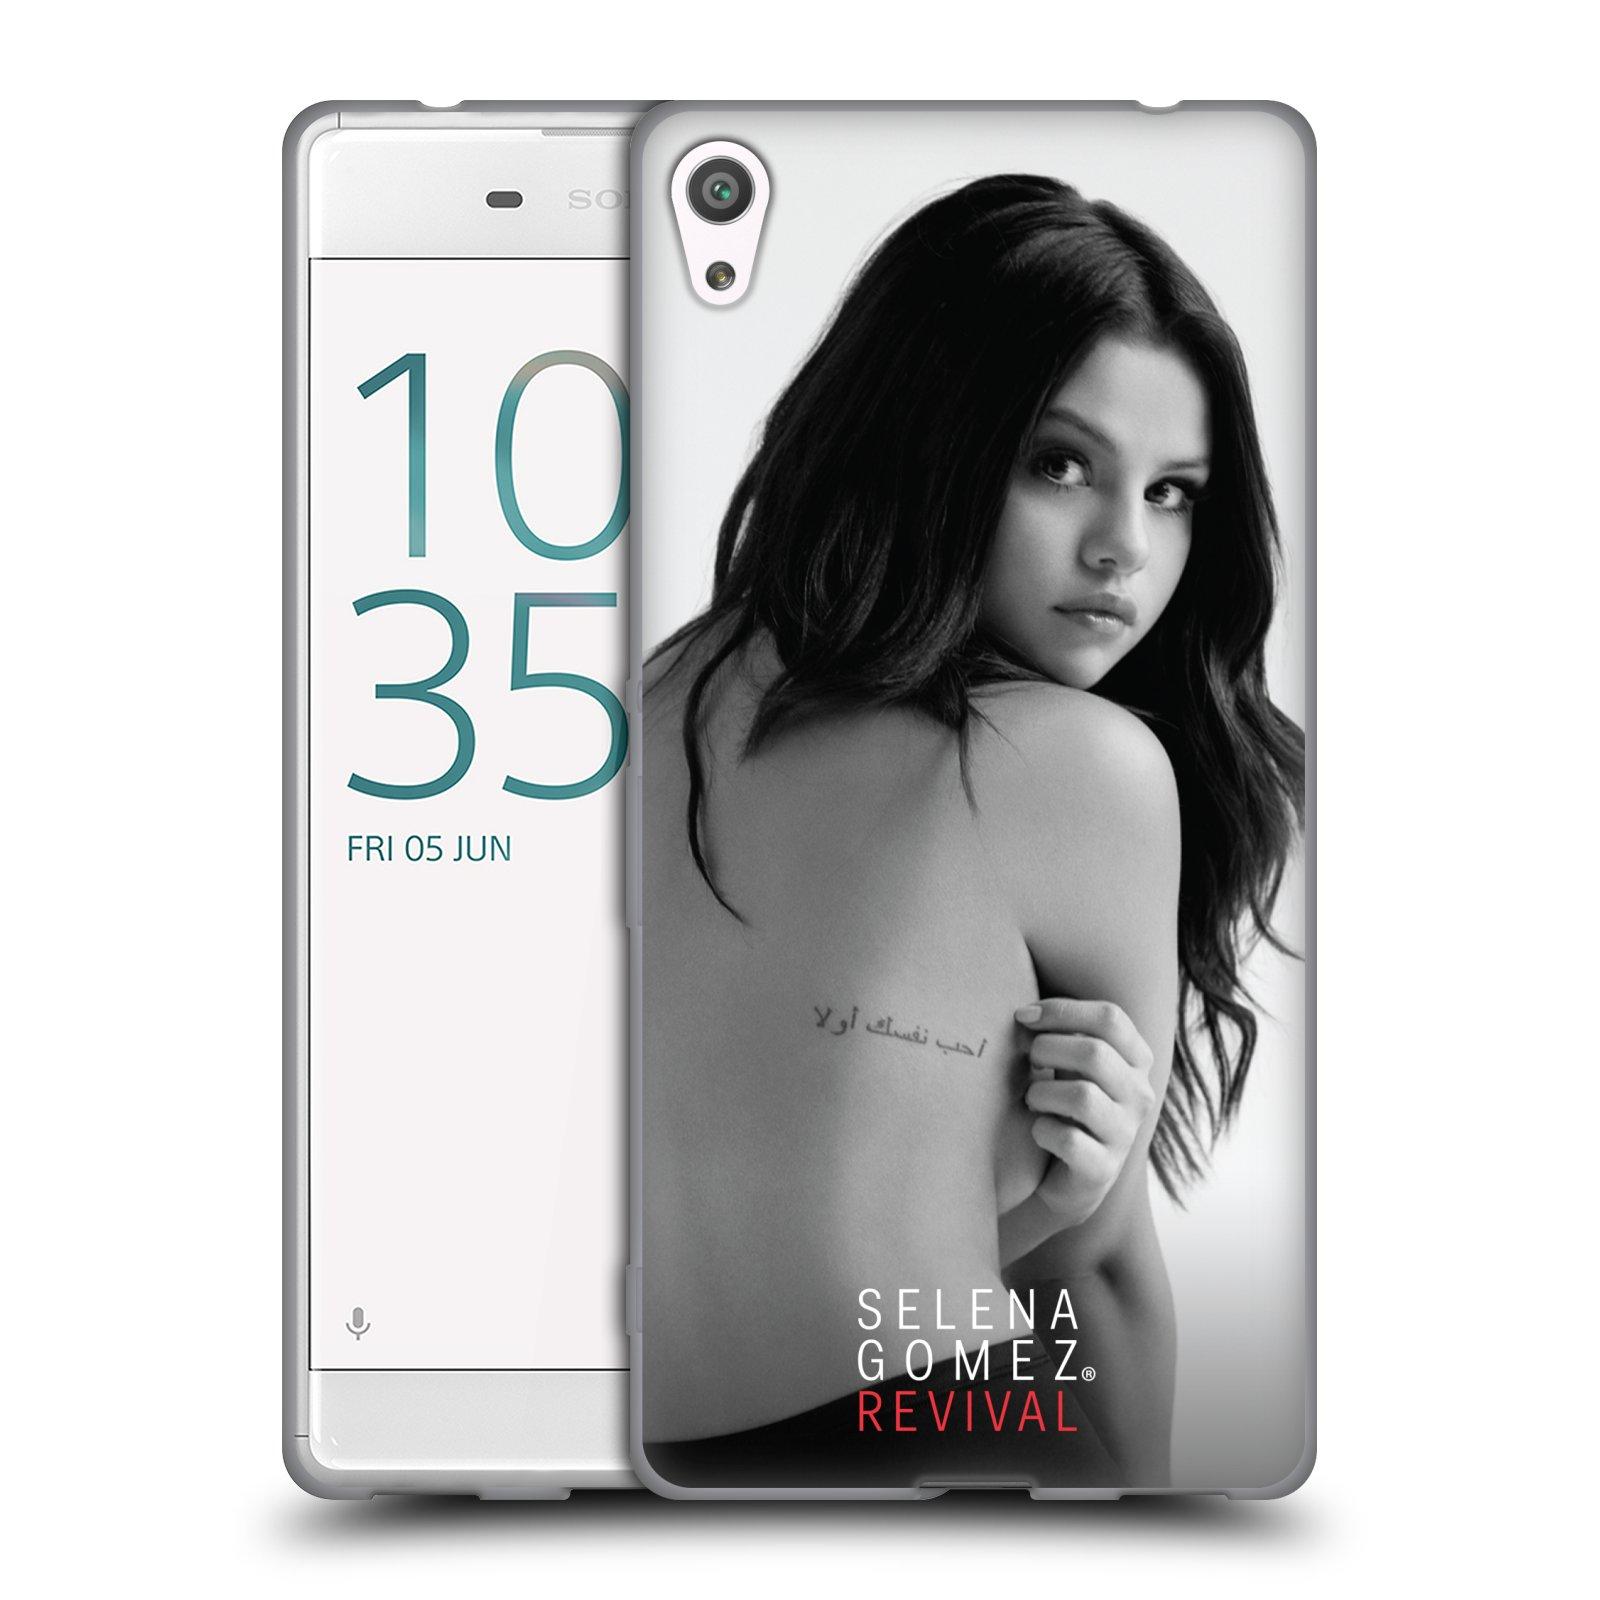 HEAD CASE silikonový obal na mobil Sony Xperia XA ULTRA Zpěvačka Selena Gomez foto Revival zadní strana